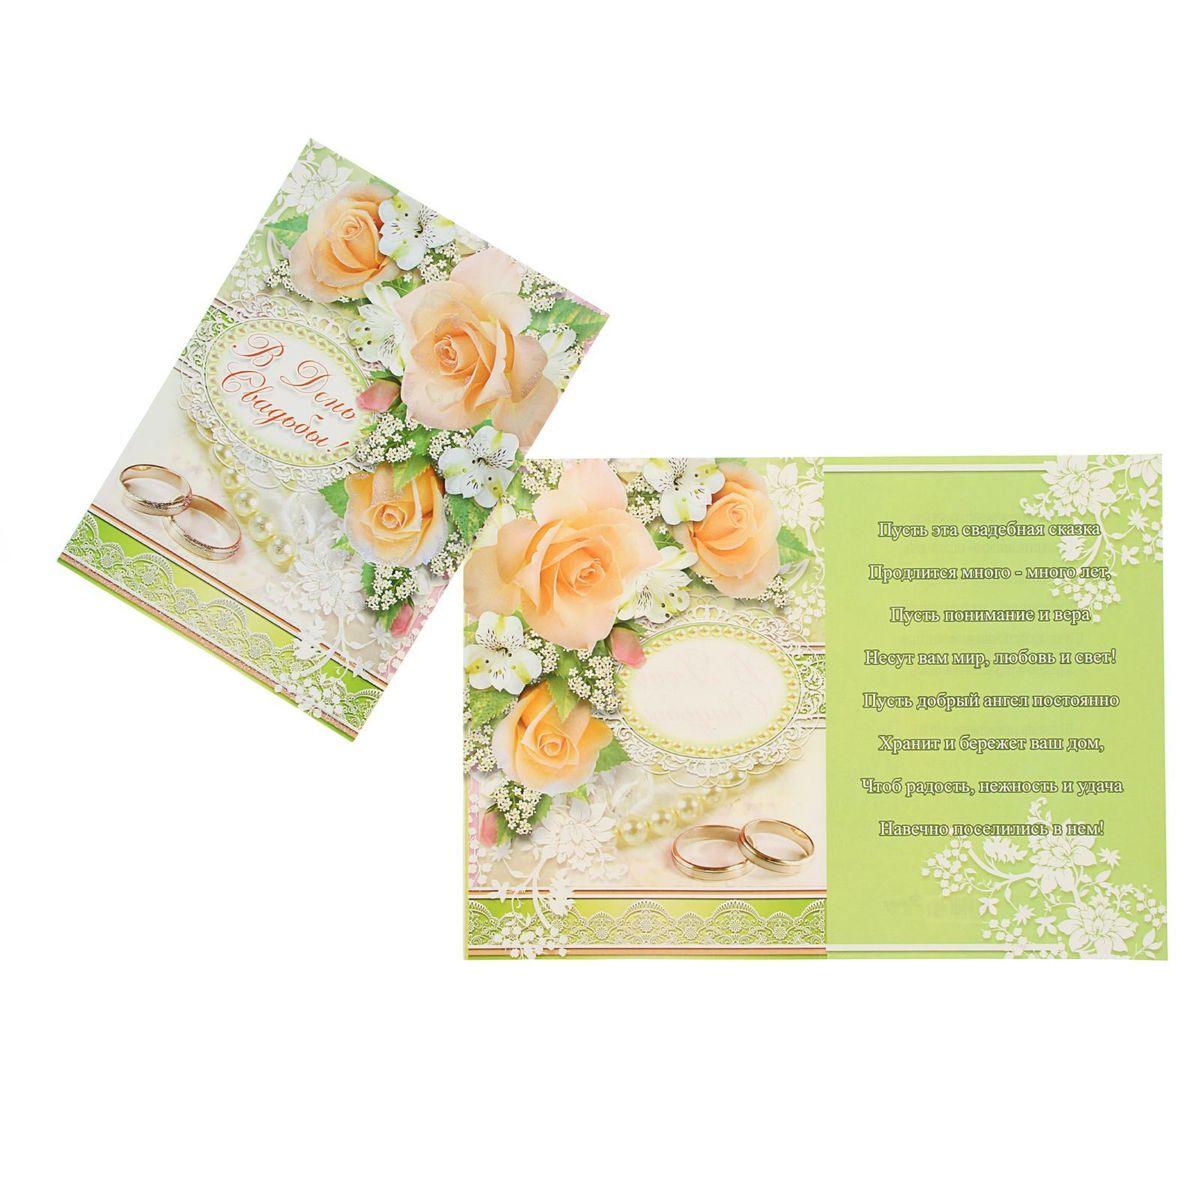 Открытка Sima-land В день свадьбы! Розы и кольца1351156Если вы хотите порадовать себя или близких, создать праздничное настроение и с улыбкой провести памятный день, то вы, несомненно, сделали правильный выбор! Открытка Sima-land В день свадьбы! Розы и кольца, выполненная из плотной бумаги, отличается не только оригинальным дизайном, но и высоким качеством.Лицевая сторона изделия оформлена ярким изображением. Внутри открытка содержит текст с поздравлением.Такая открытка непременно порадует получателя и станет отличным напоминанием о проведенном вместе времени. Формат открытки: А4.Плотность: 250 г/м2.